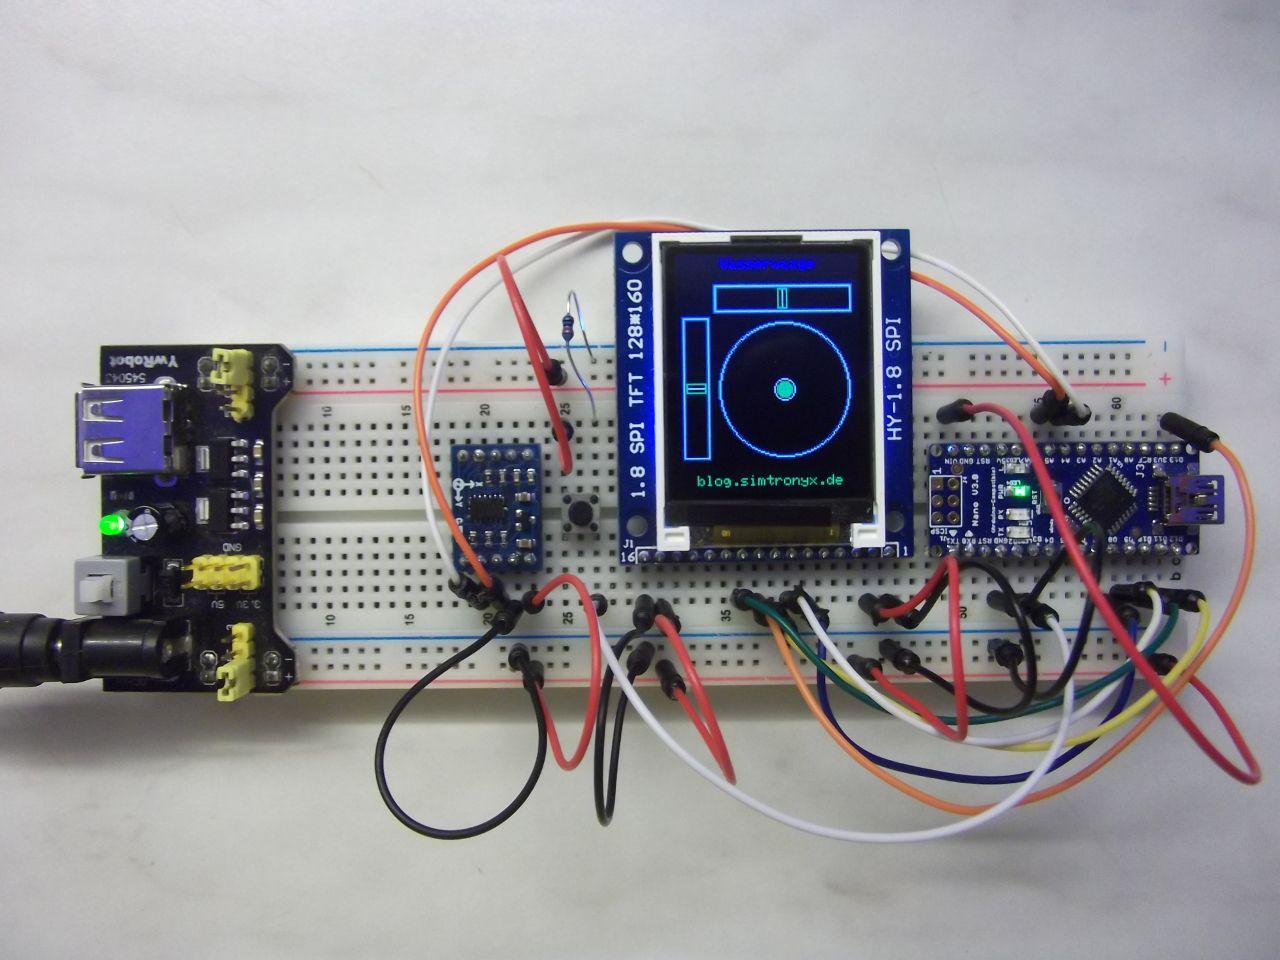 Digitale wasserwaage adxl tft hy spi und ein arduino